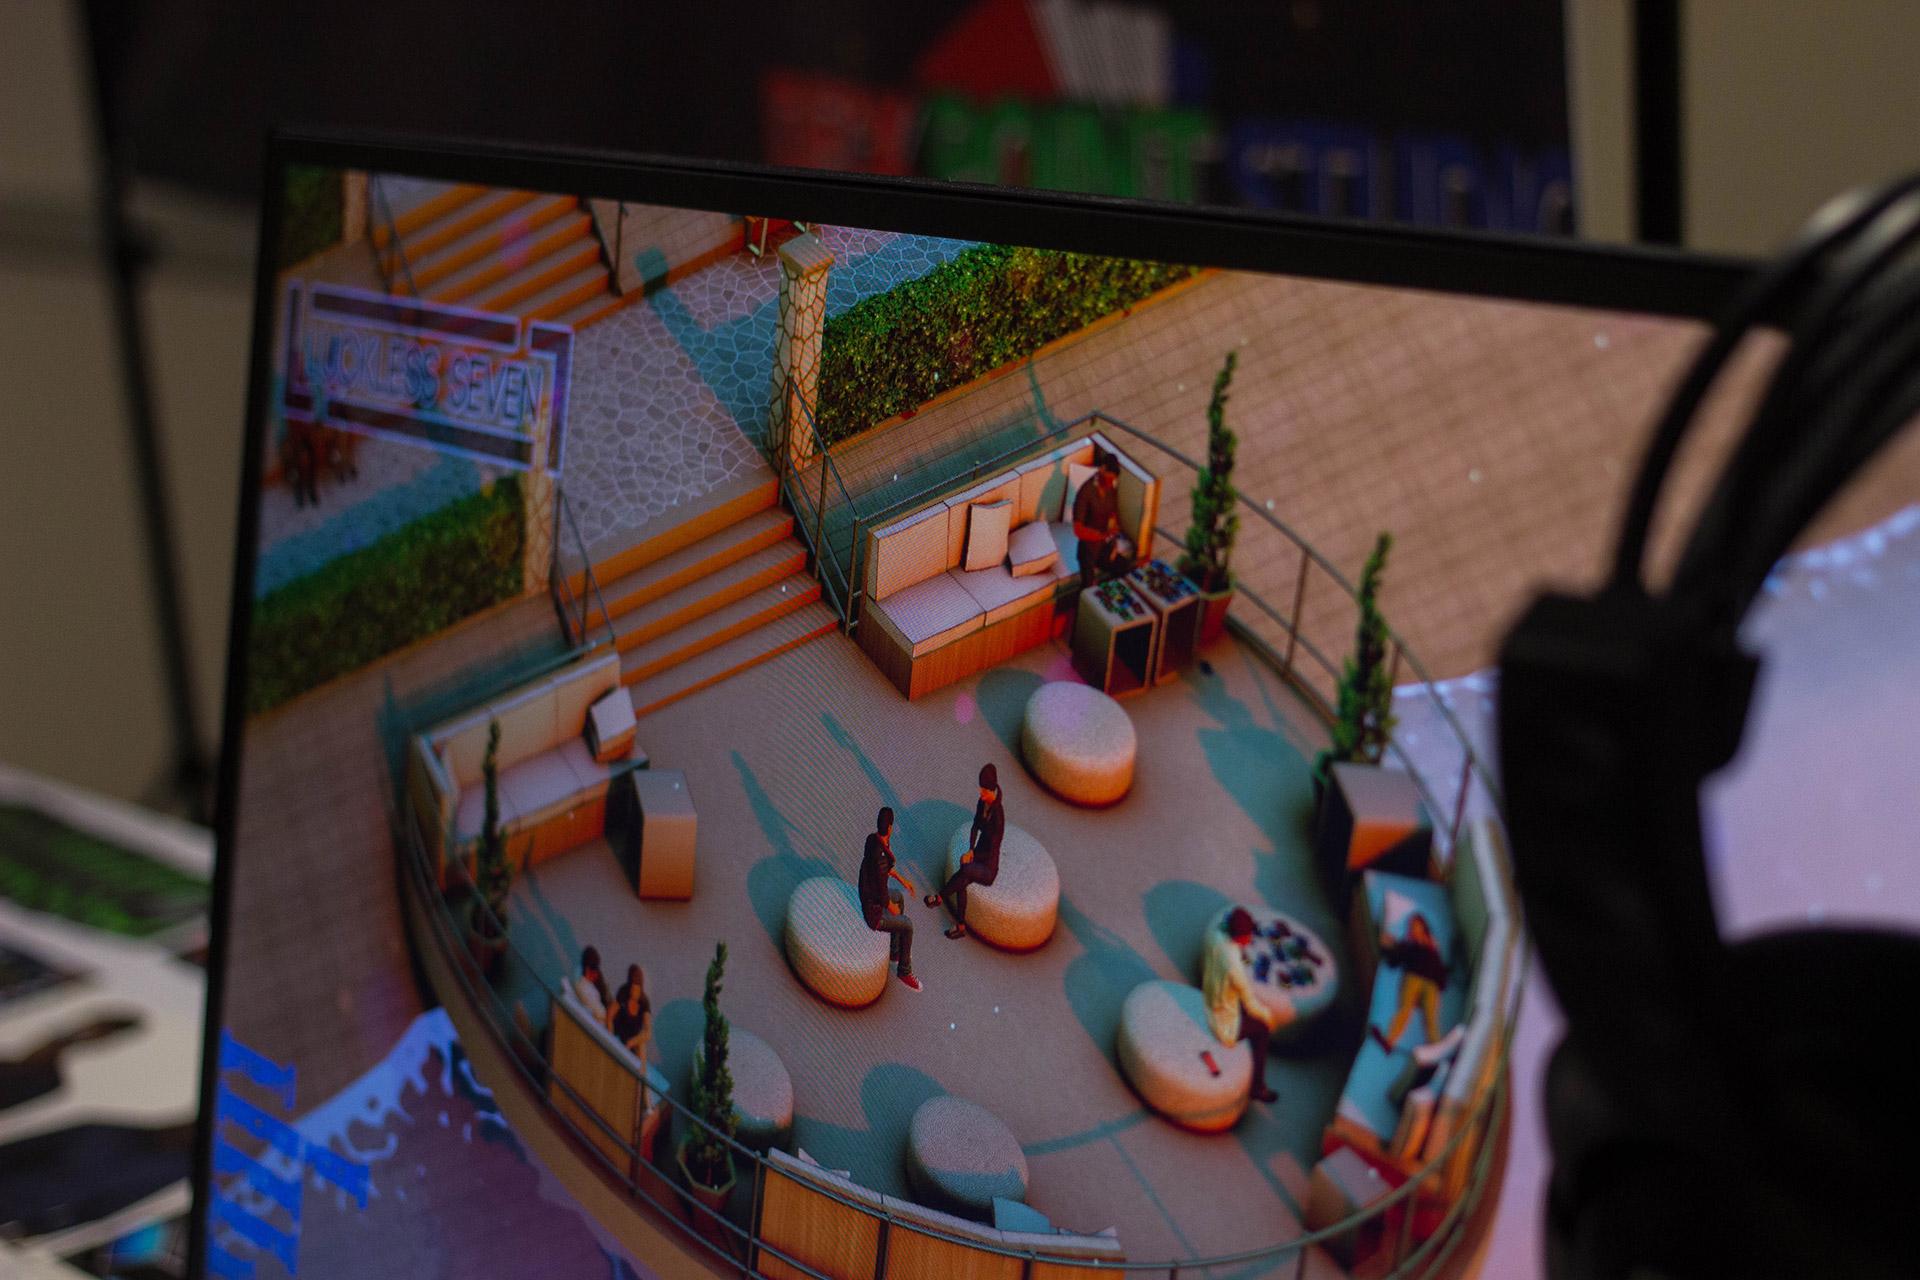 Matsuricon Luckless Seven Booth 3